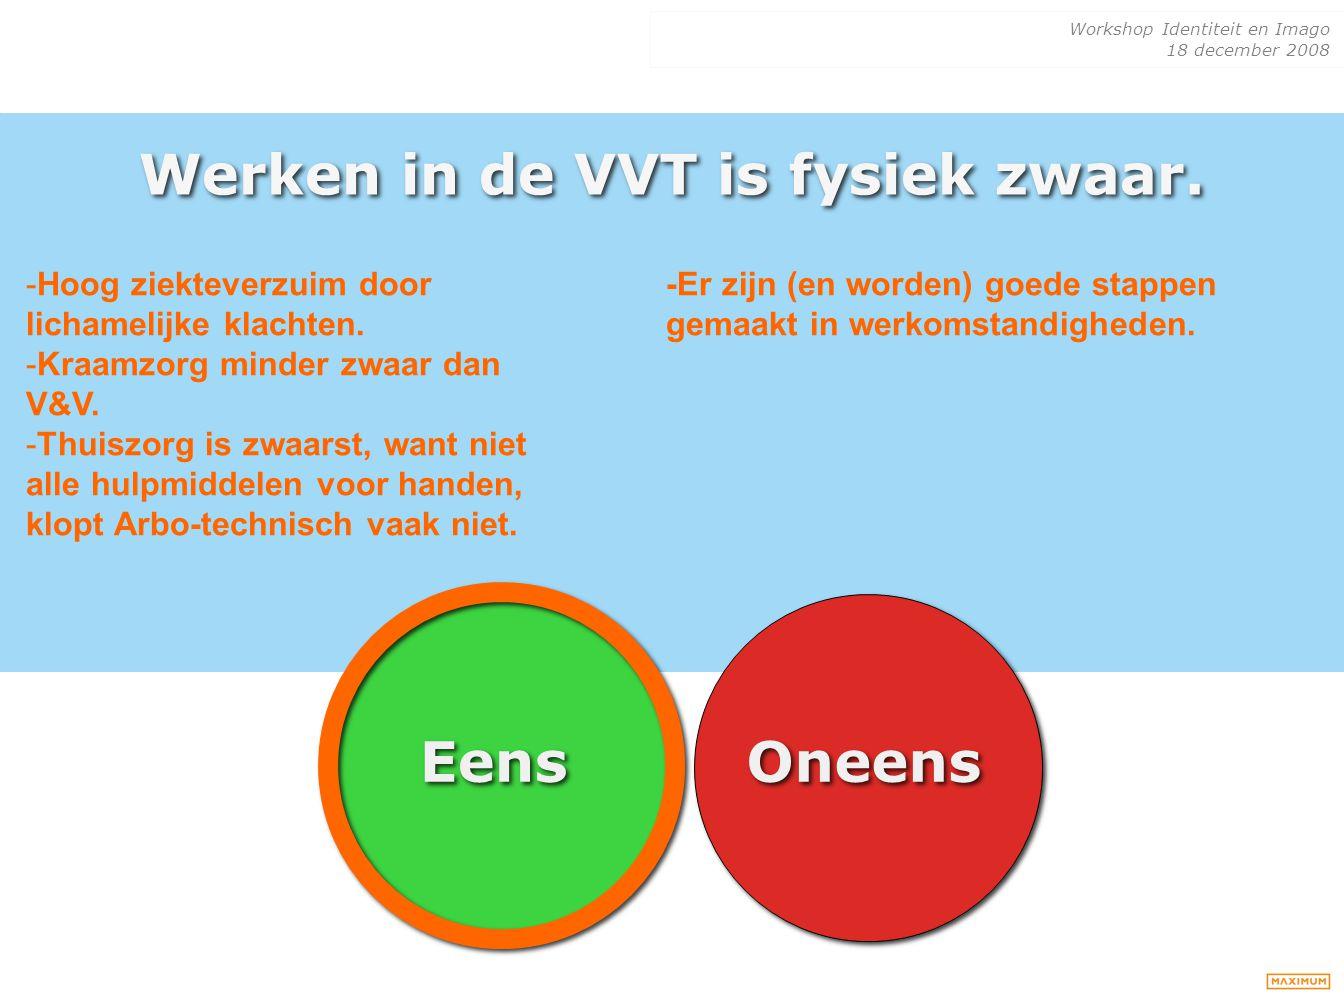 Workshop Identiteit en Imago 18 december 2008 Werken in de VVT is fysiek zwaar. Eens Oneens -Hoog ziekteverzuim door lichamelijke klachten. -Kraamzorg